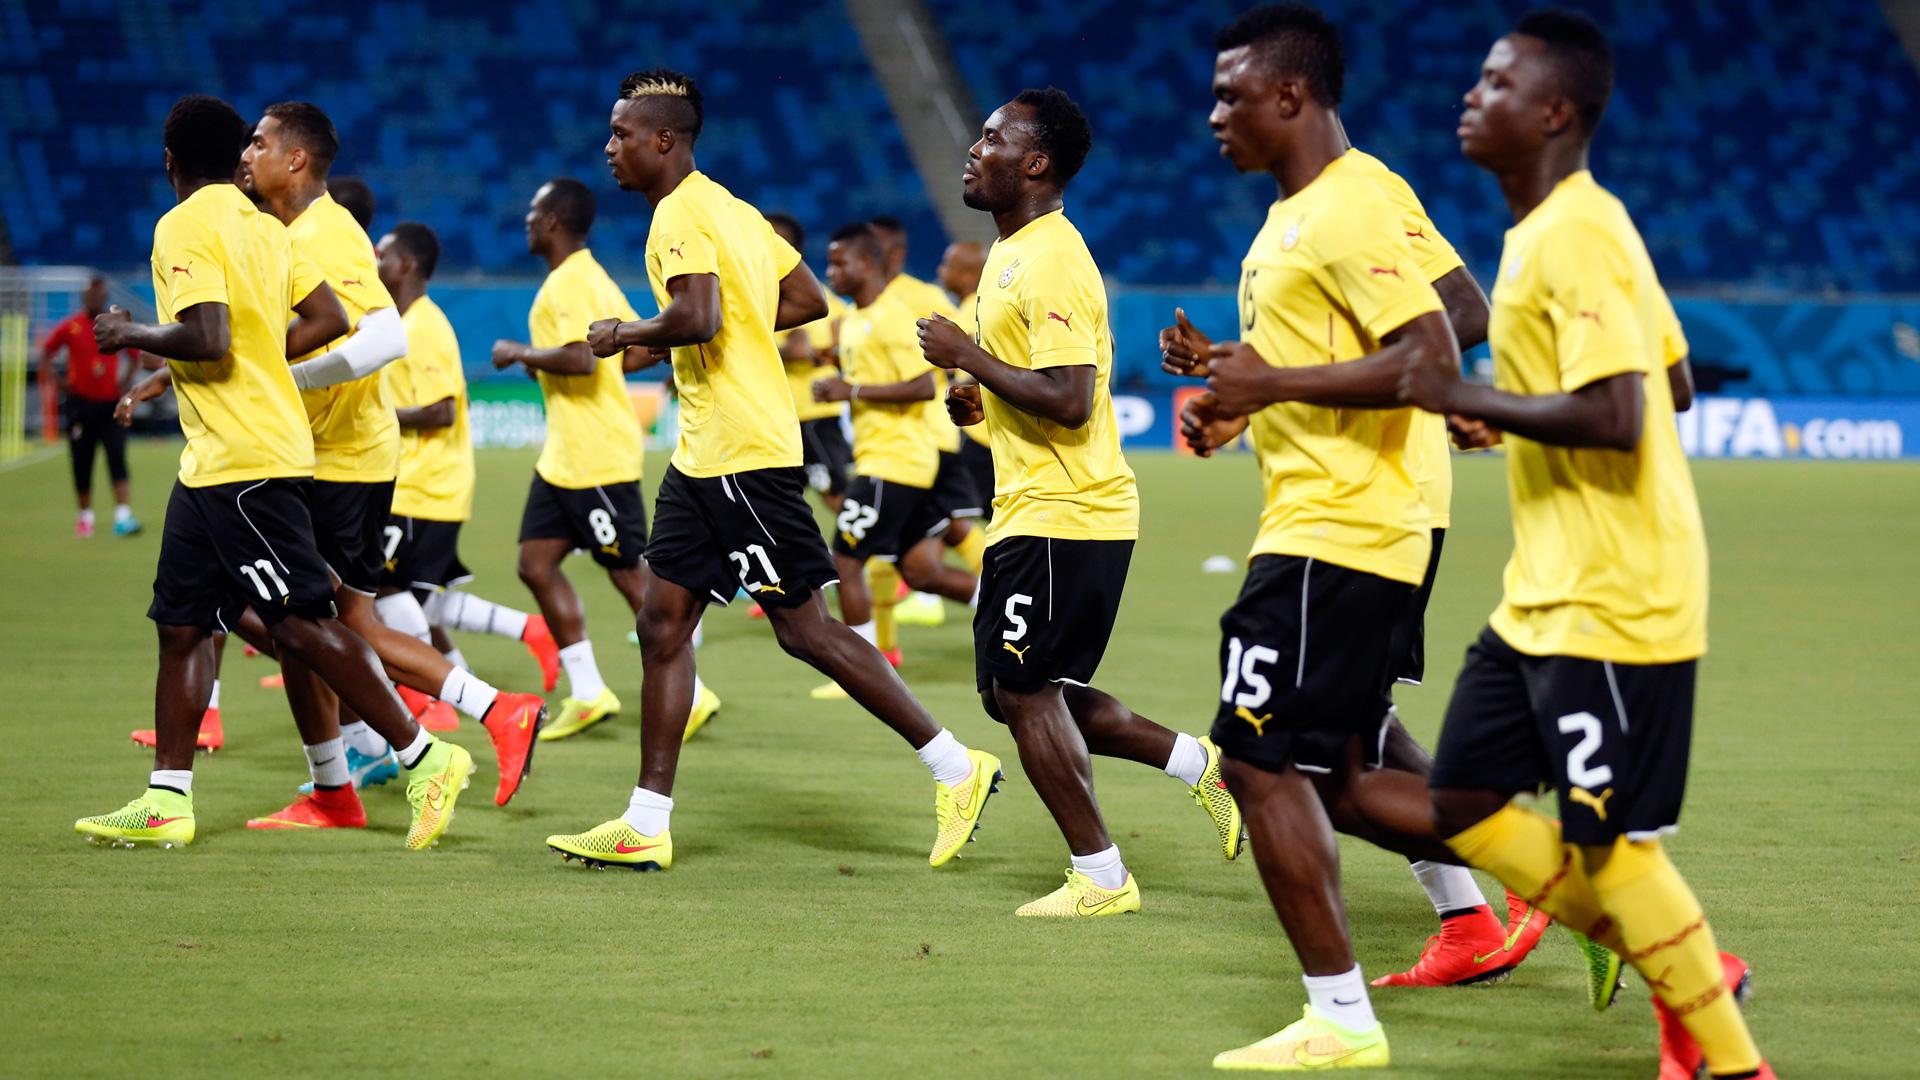 ghana-world-cup-061614-ap-ftr